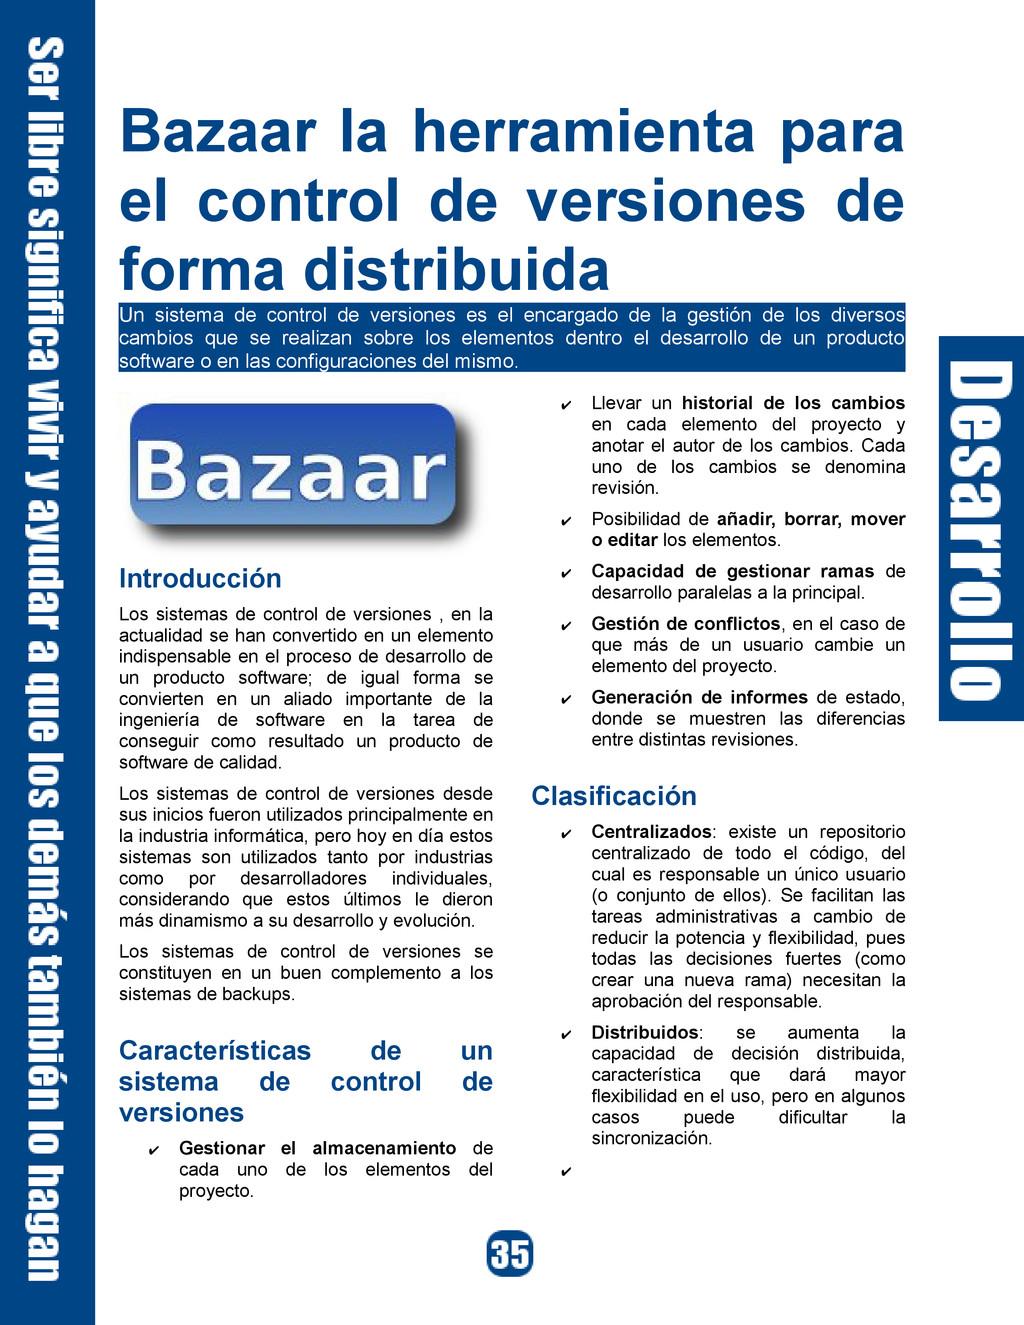 Bazaar la herramienta para el control de versio...